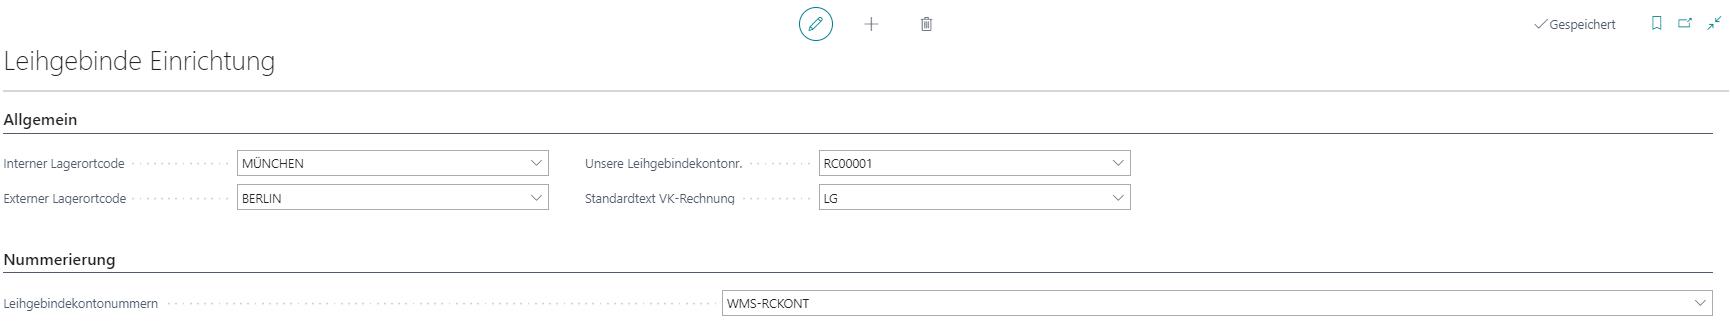 Detailscreenshot Funktion Gebindeverwaltung Chemie